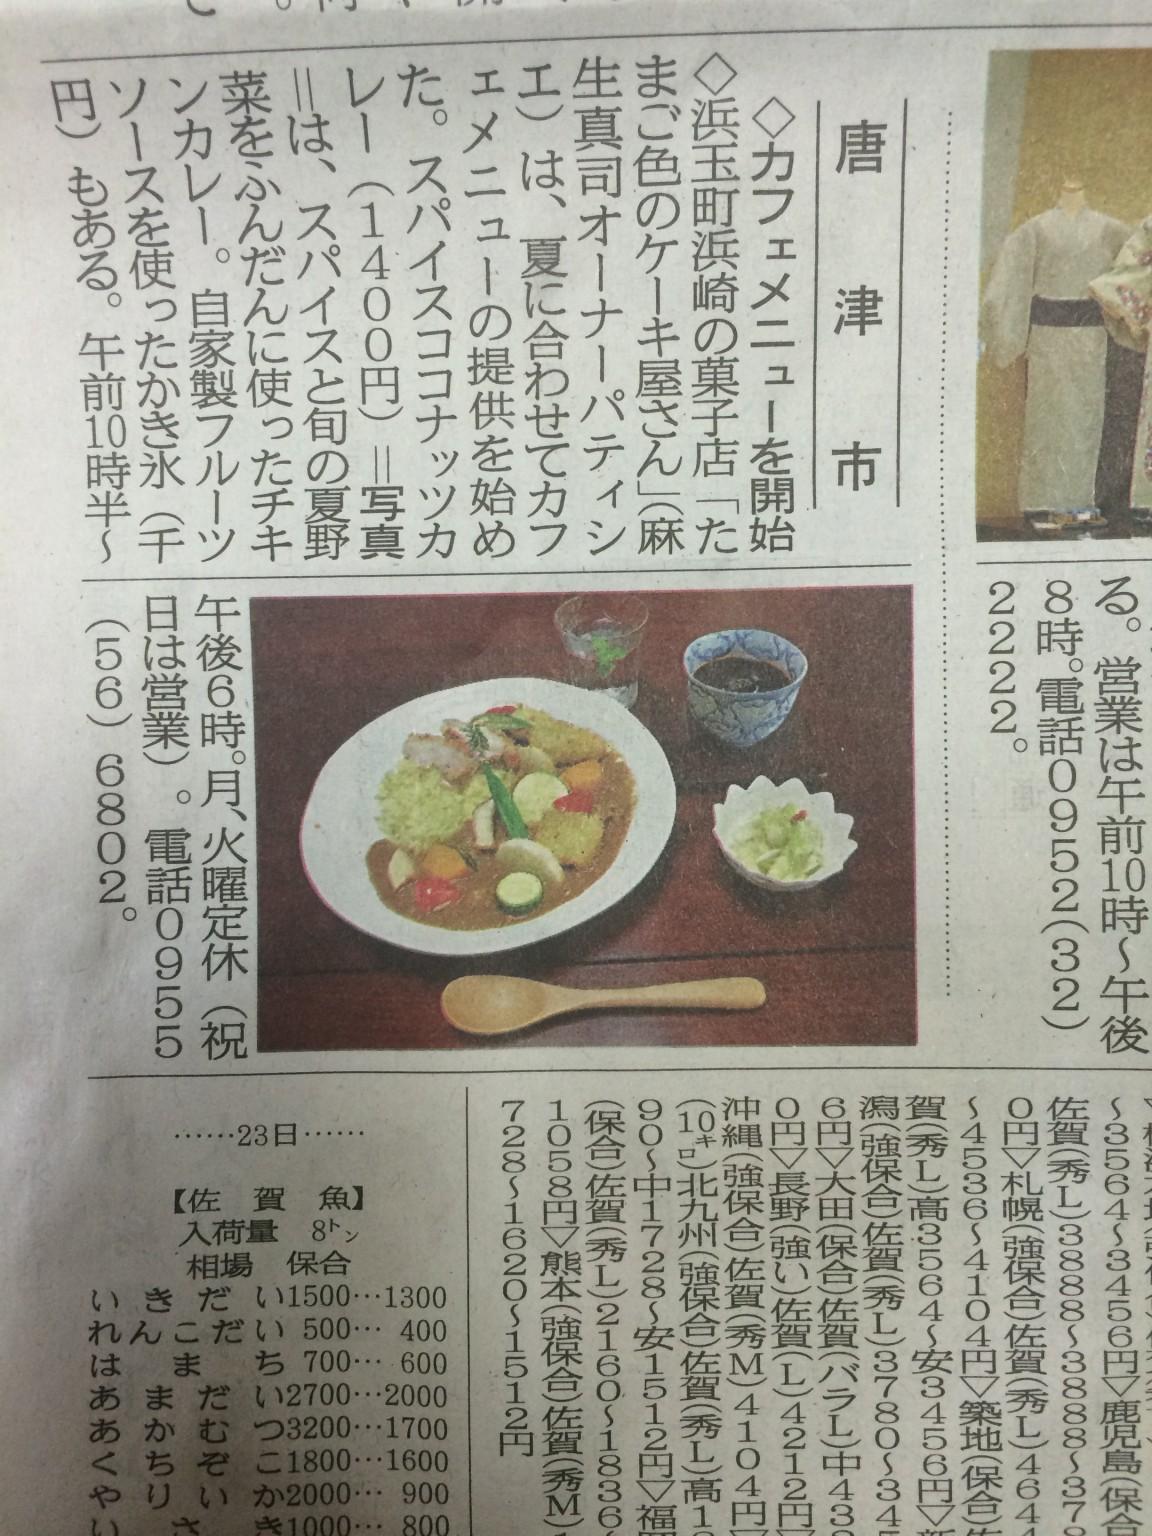 佐賀新聞の唐津のコーナーに載りました☆